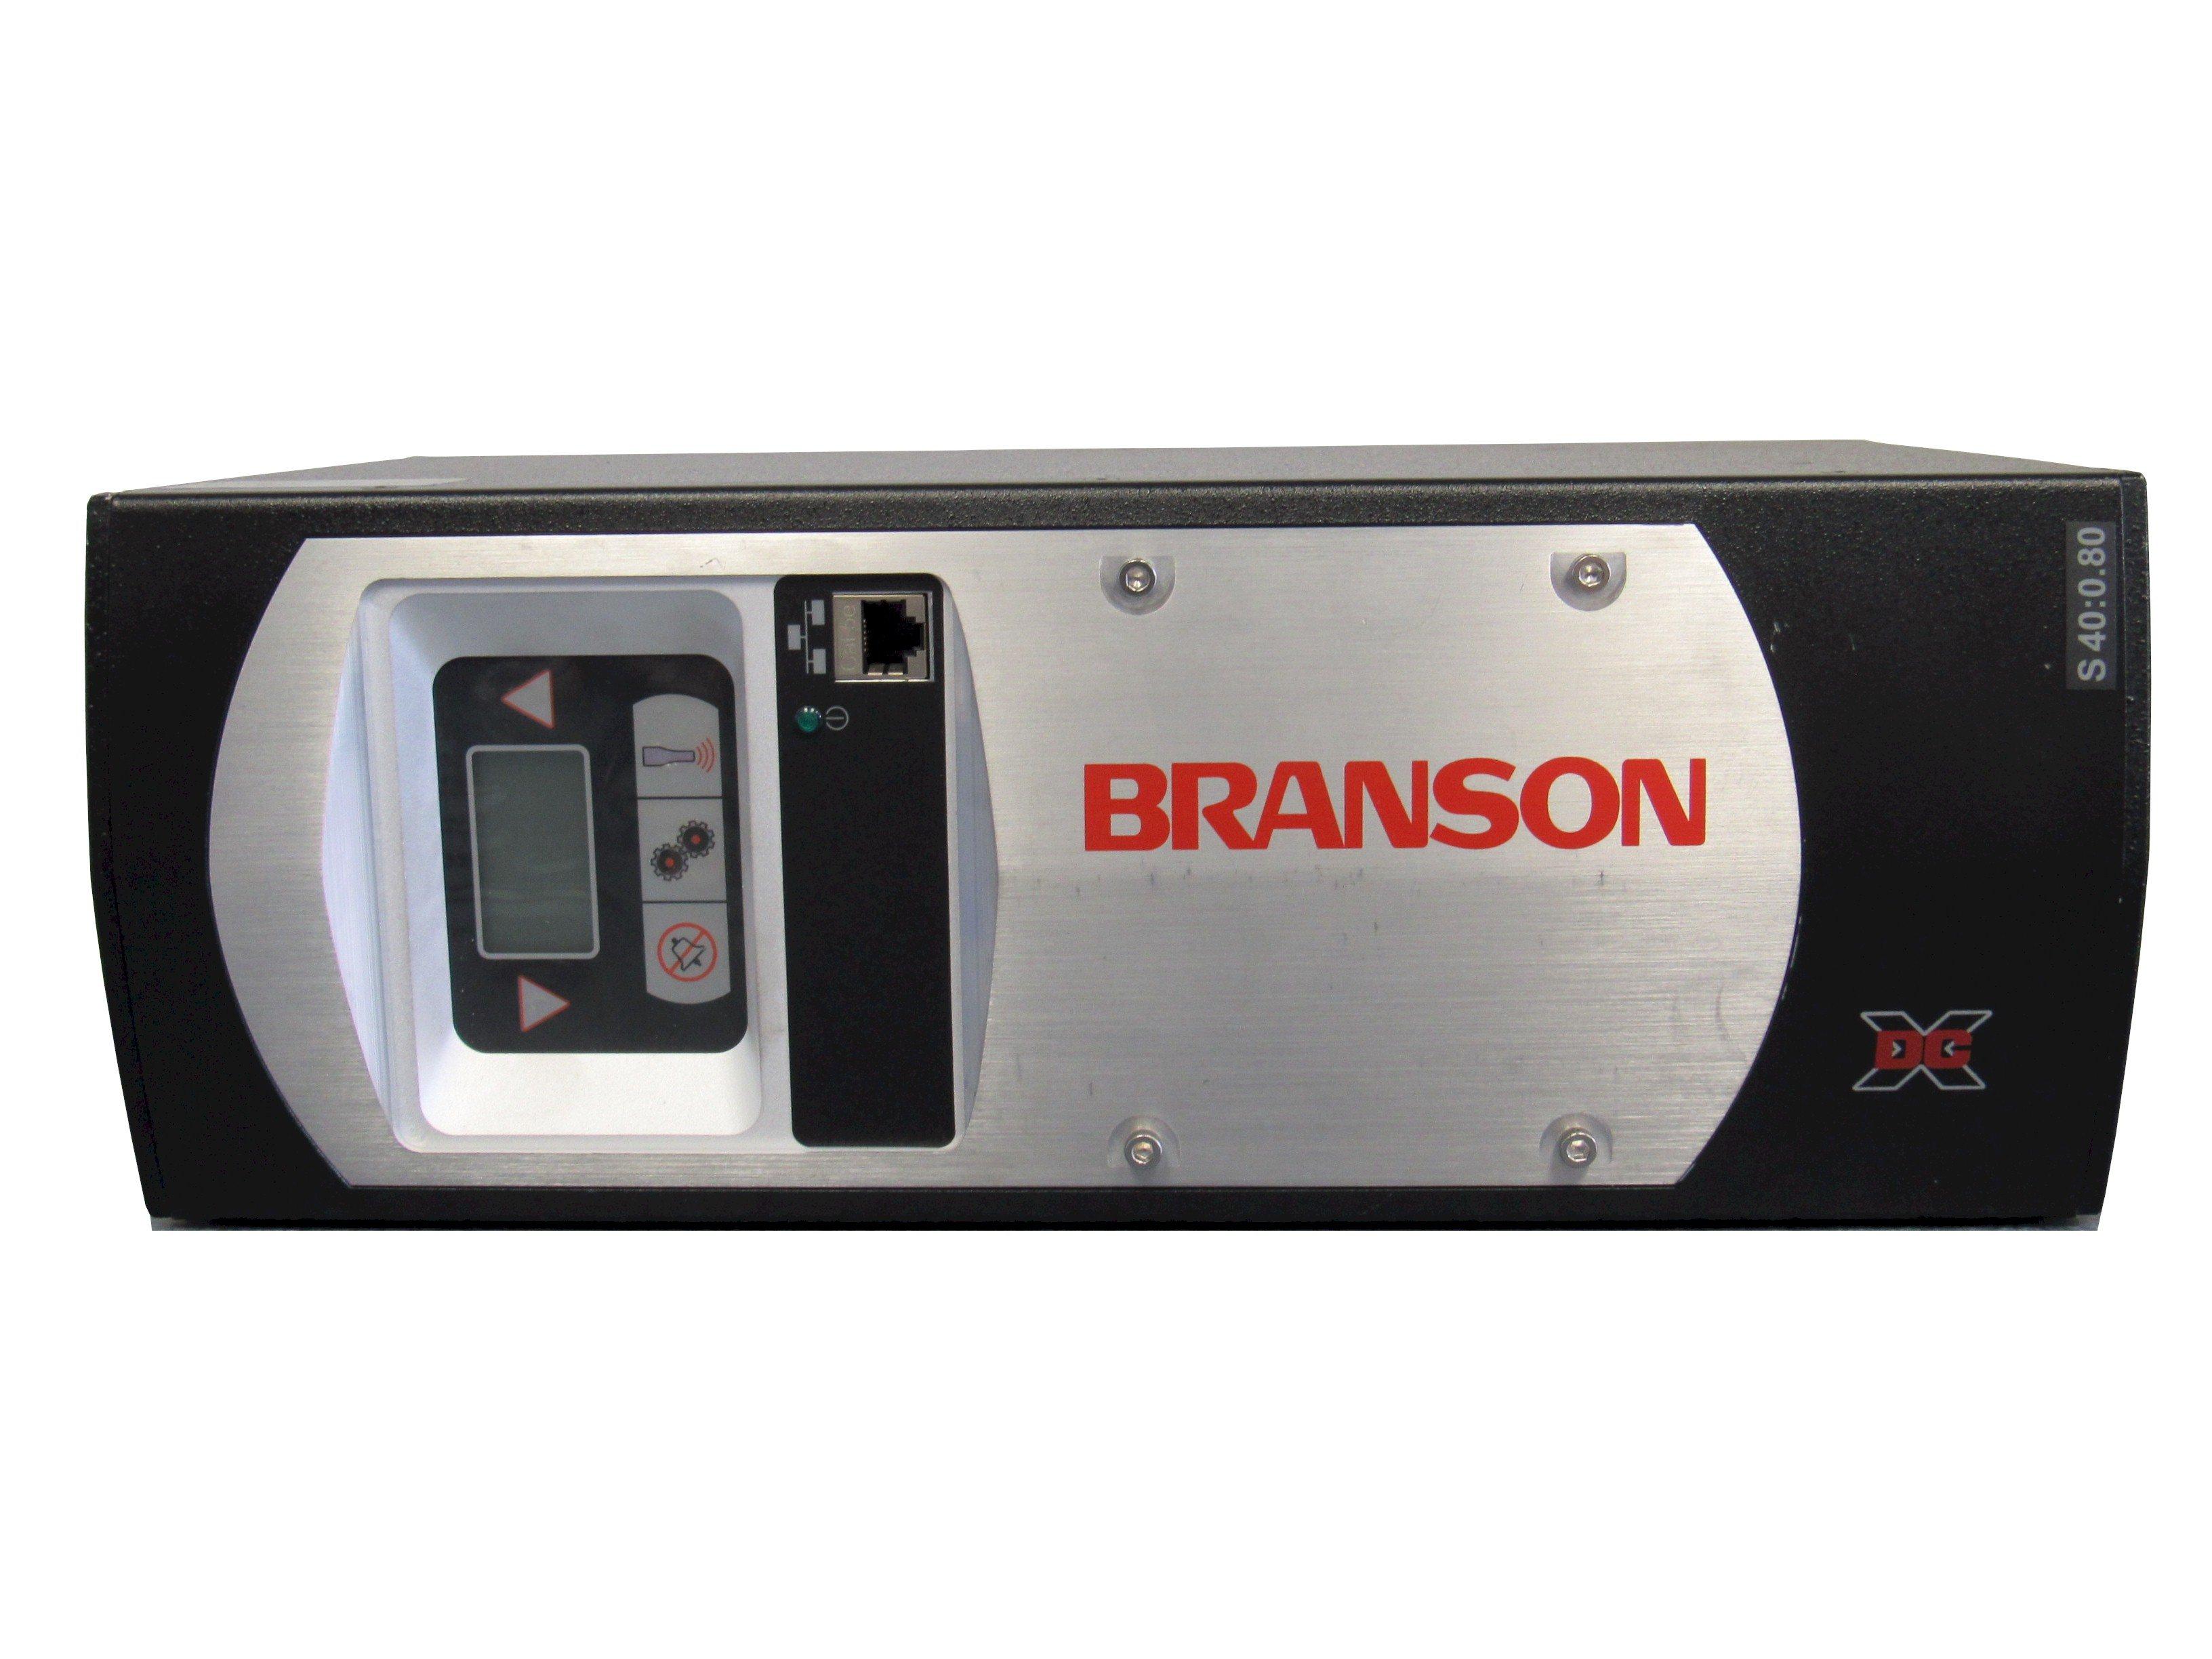 Branson 0.80DCXS40VRT Power Supply Repairs